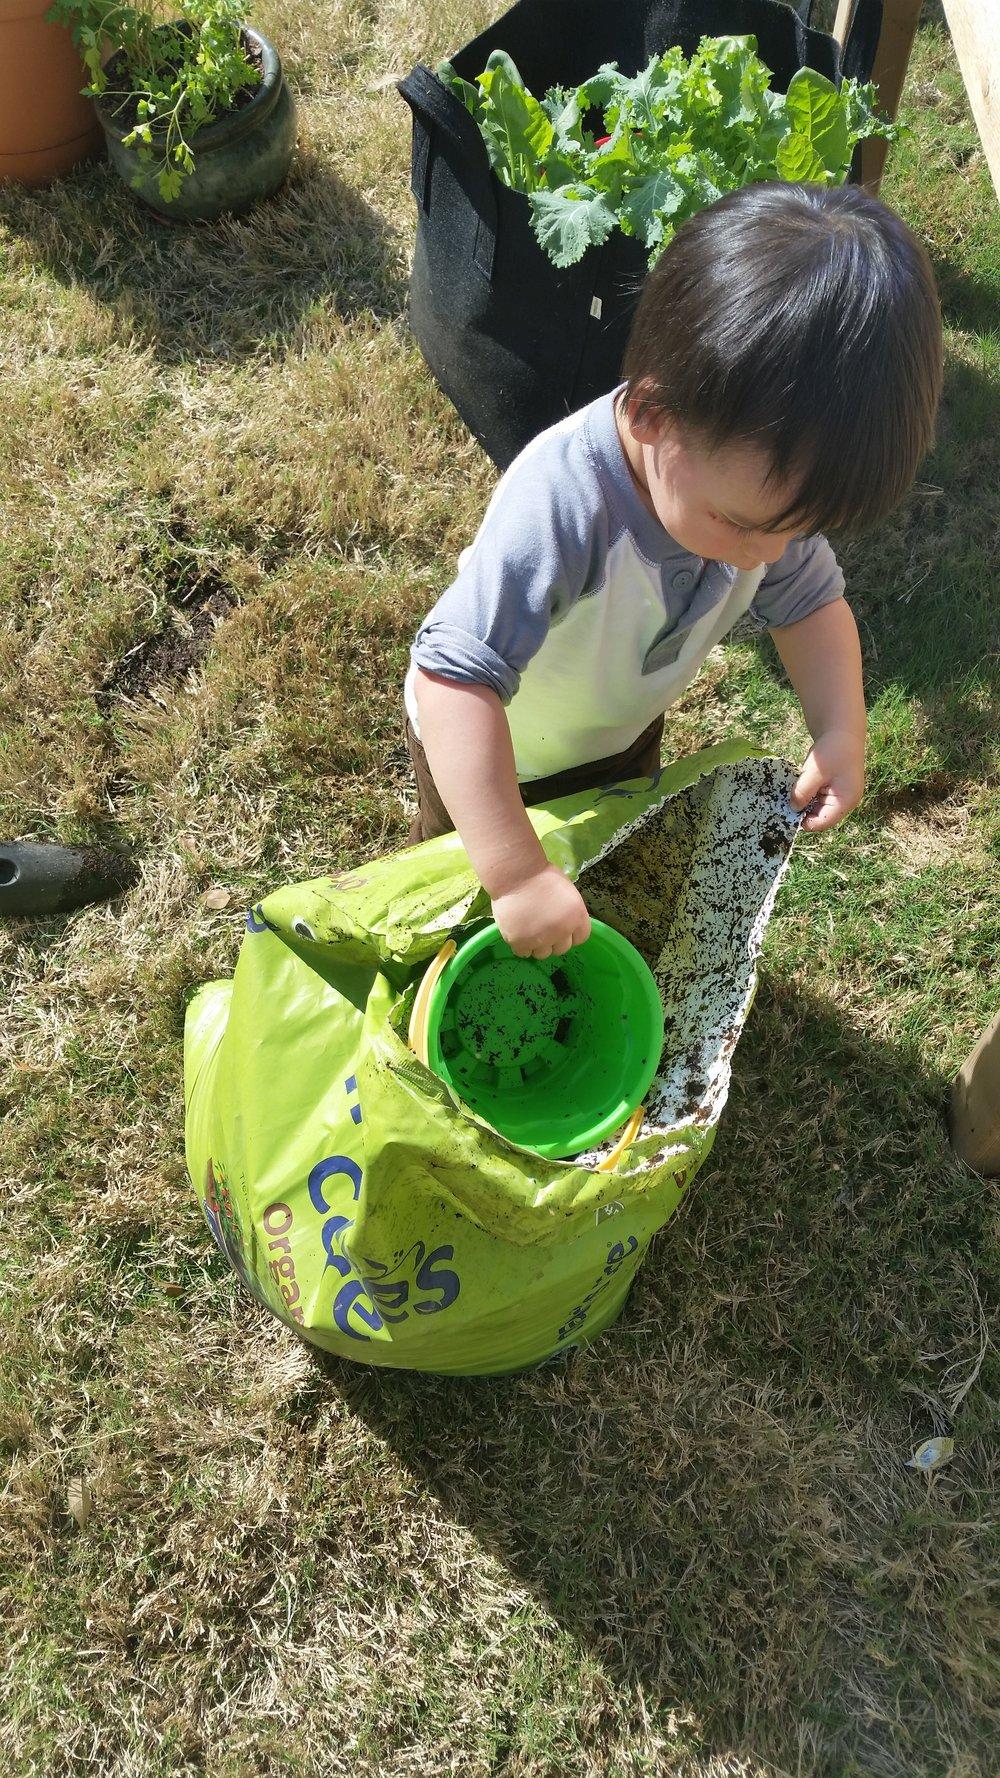 Ezra gathering some dirt